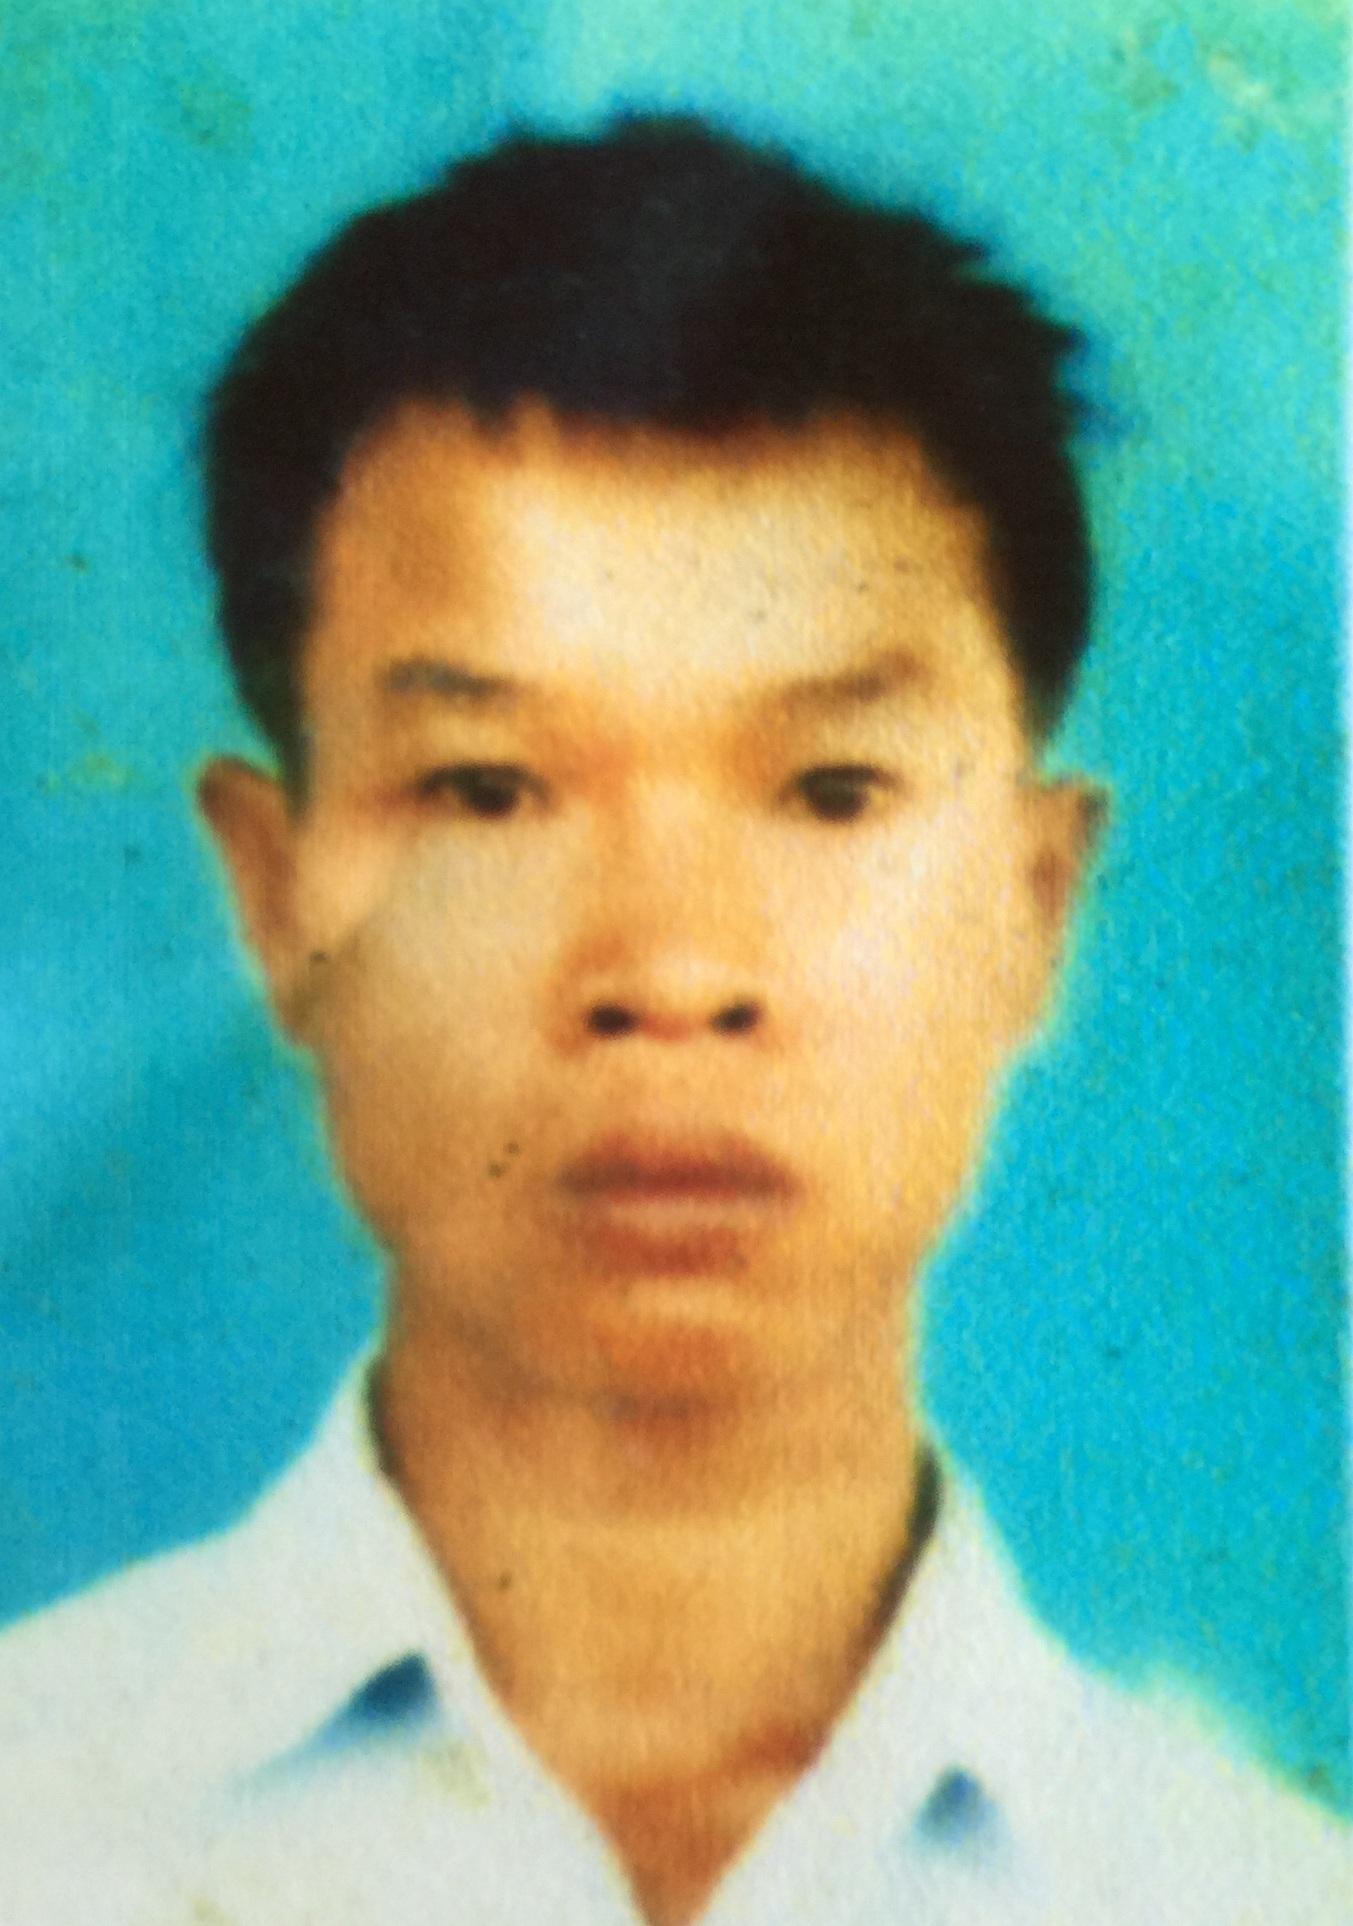 Anh Nguyễn Minh Thừa (sinh năm 1992) bỗng nhiên mất tích bí ẩn từ tháng 4/2010 đến nay.